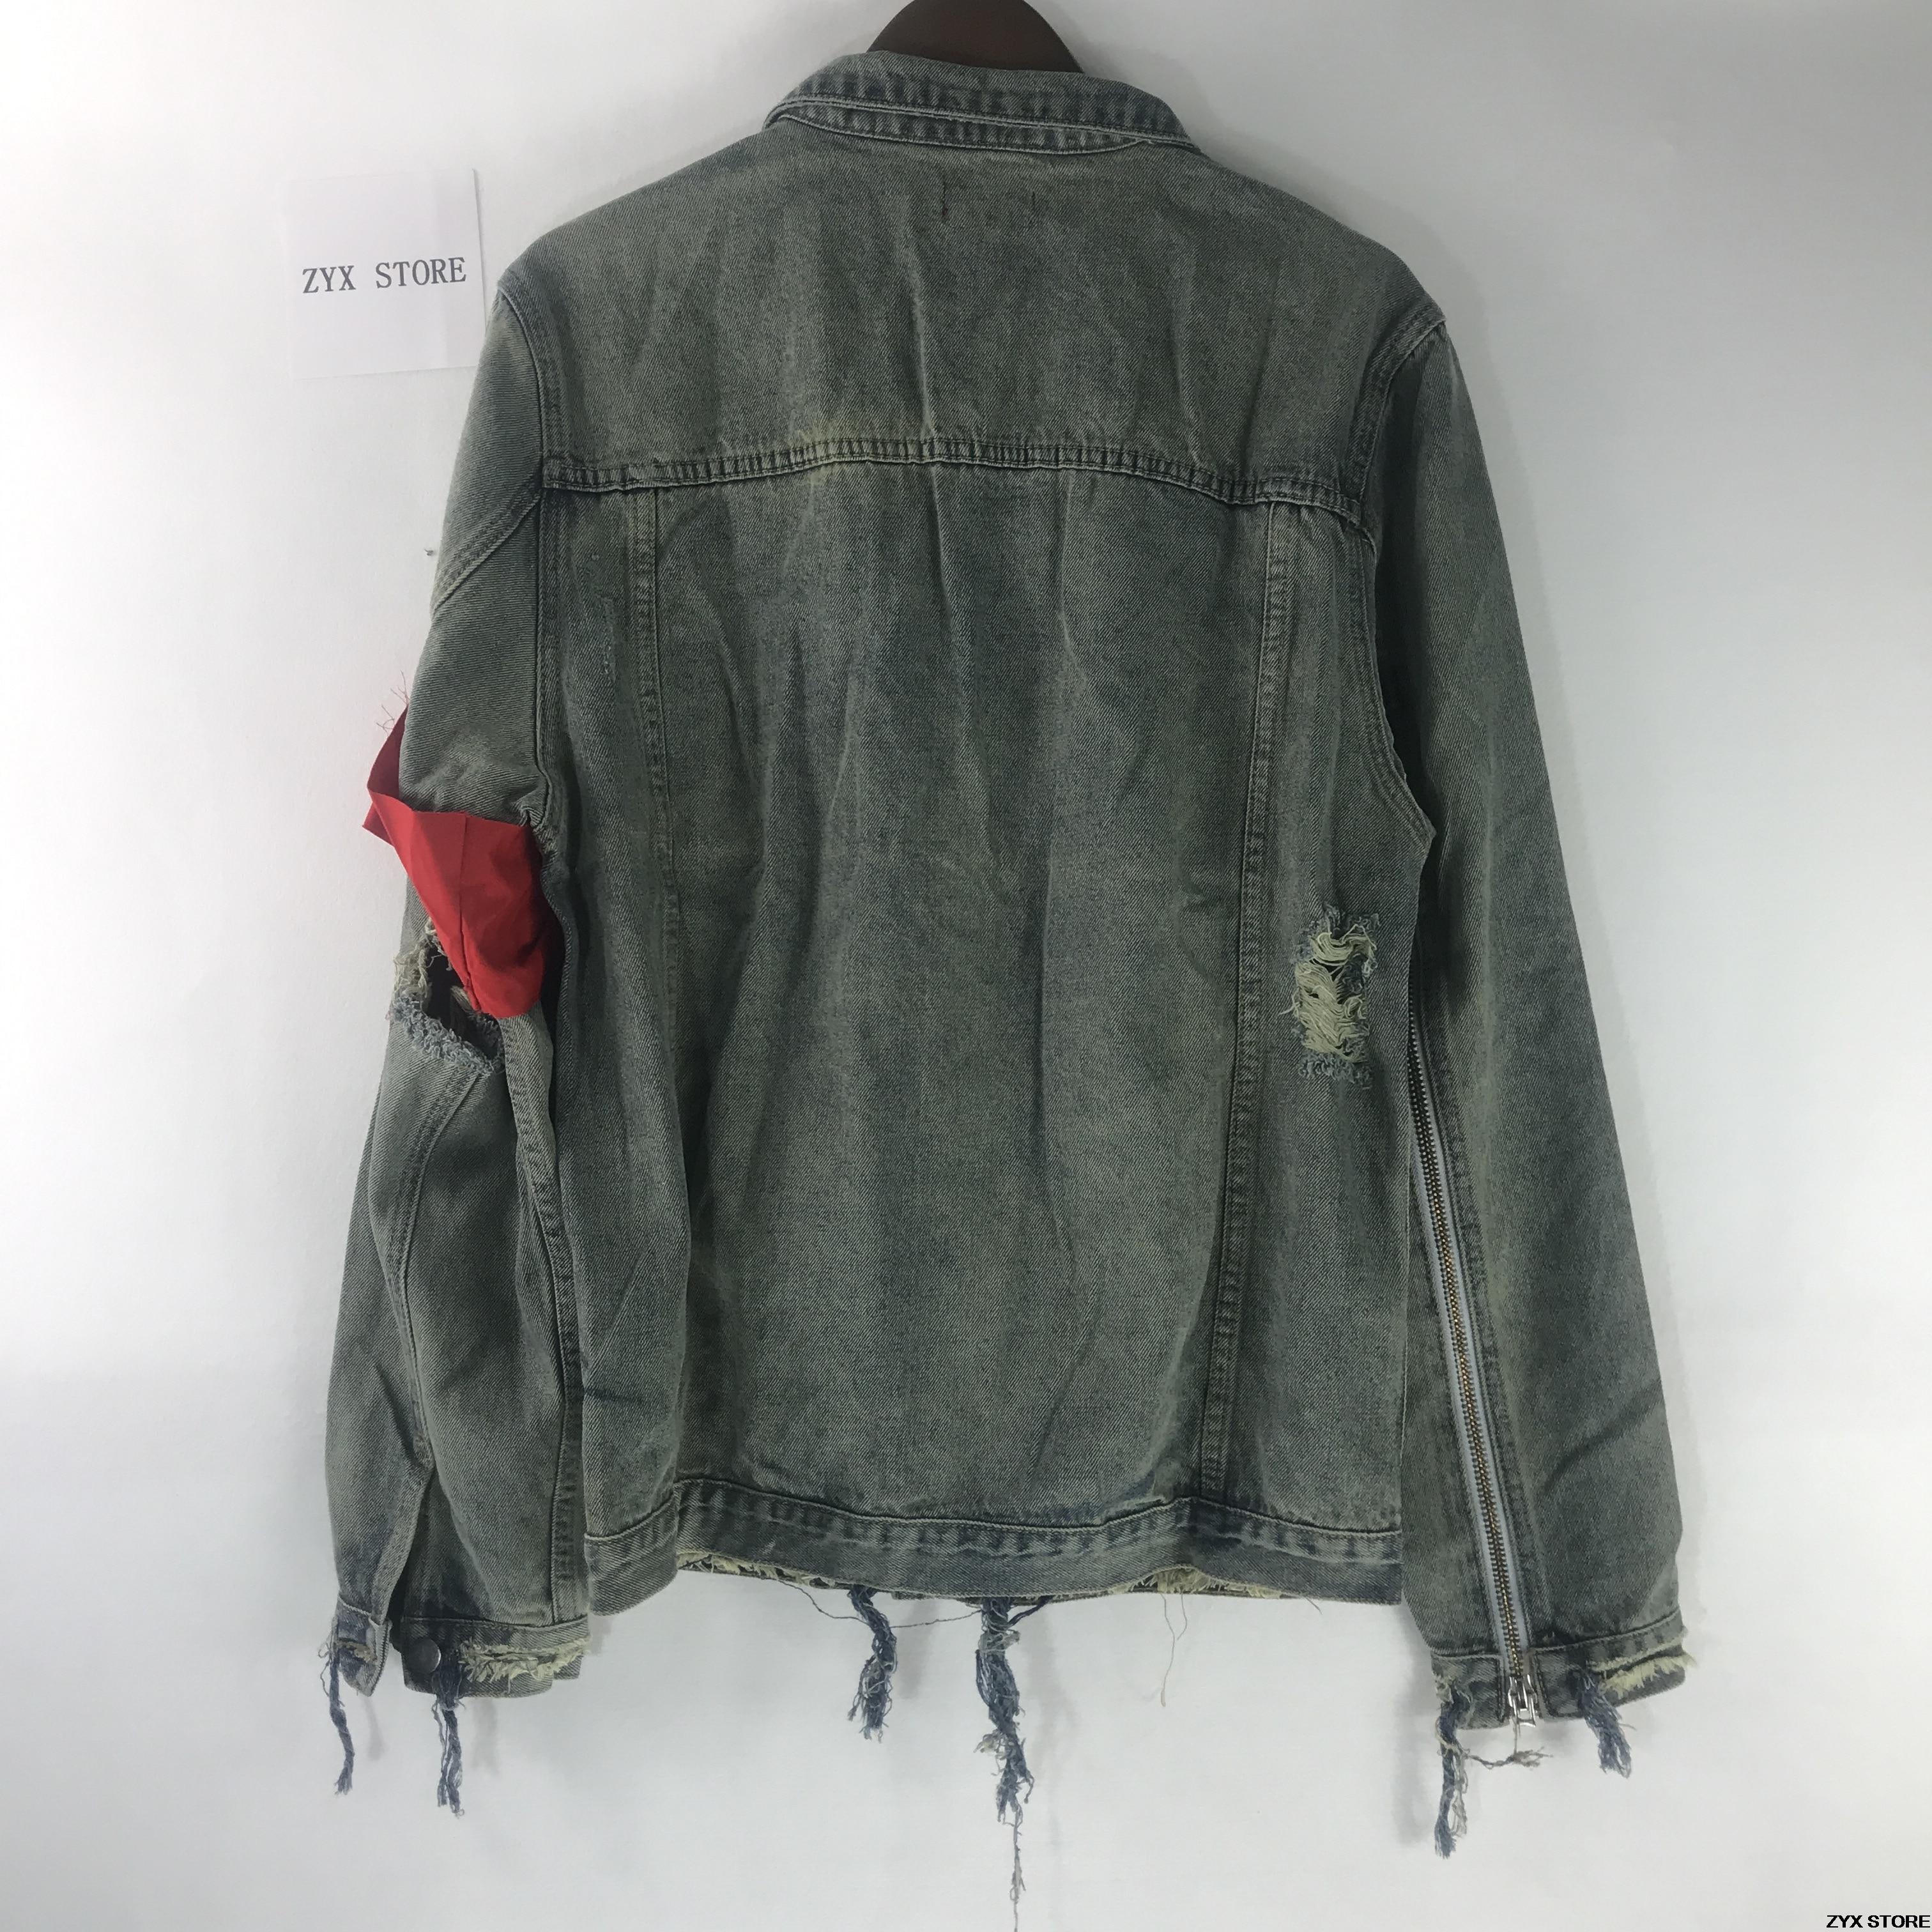 Deux Jeans Manteau Hiphop Zipper 2017 Jakcet Cassé Denim Destory Vestes Femmes Trou 424 Manches Streetwear Quatre Hommes XgqER